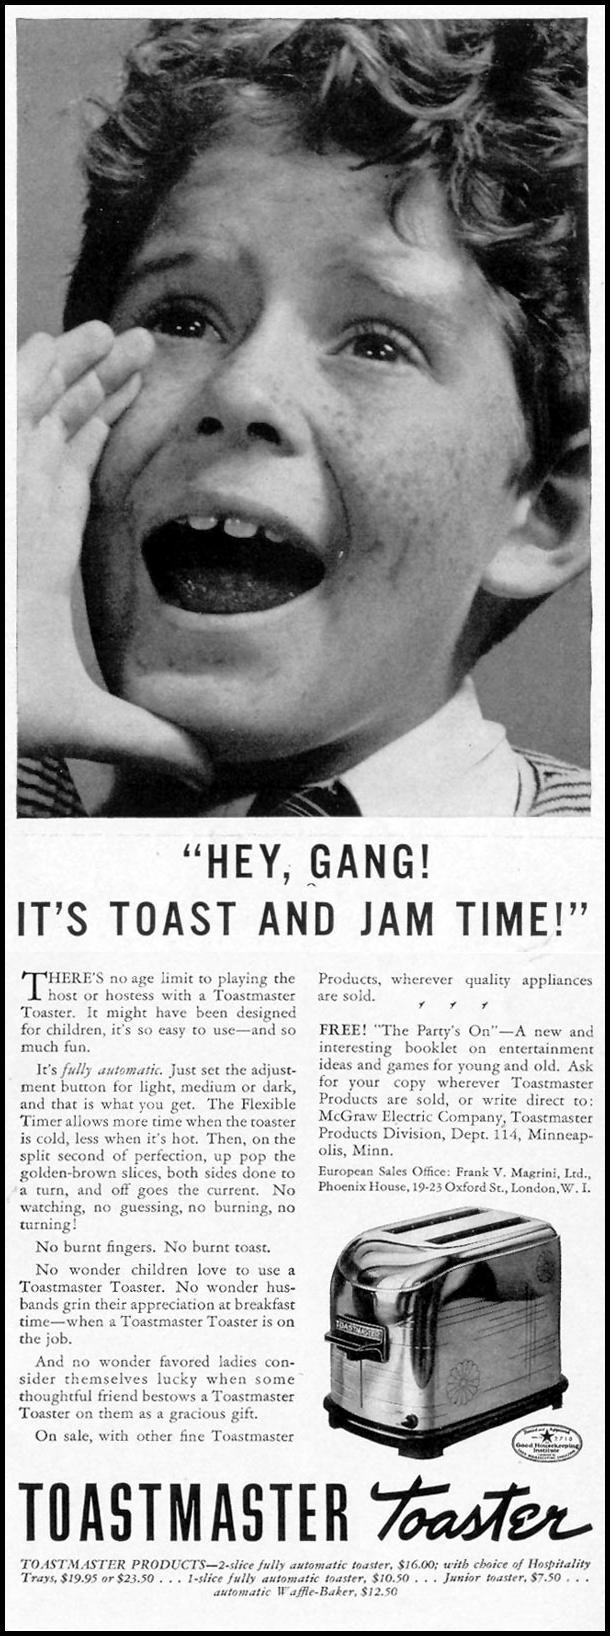 TOASTMASTER TOASTER LIFE 09/27/1937 p. 15